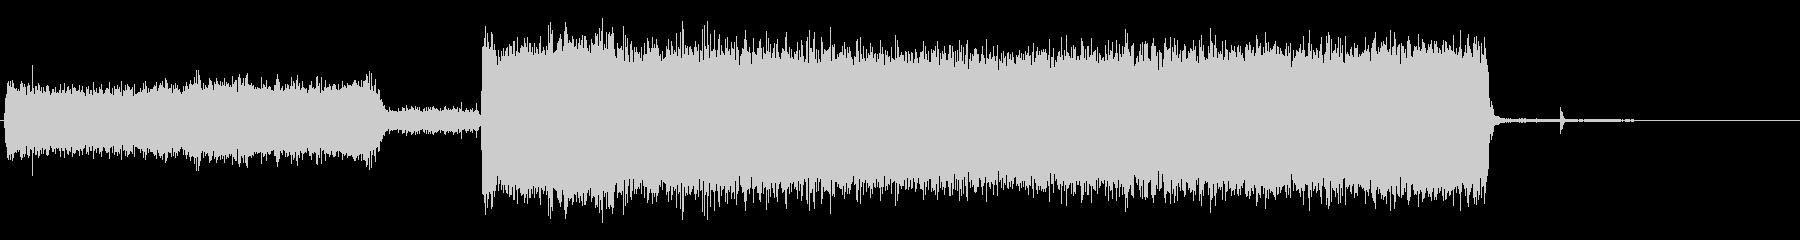 【バイノーラル録音】コーヒーマシン02の未再生の波形